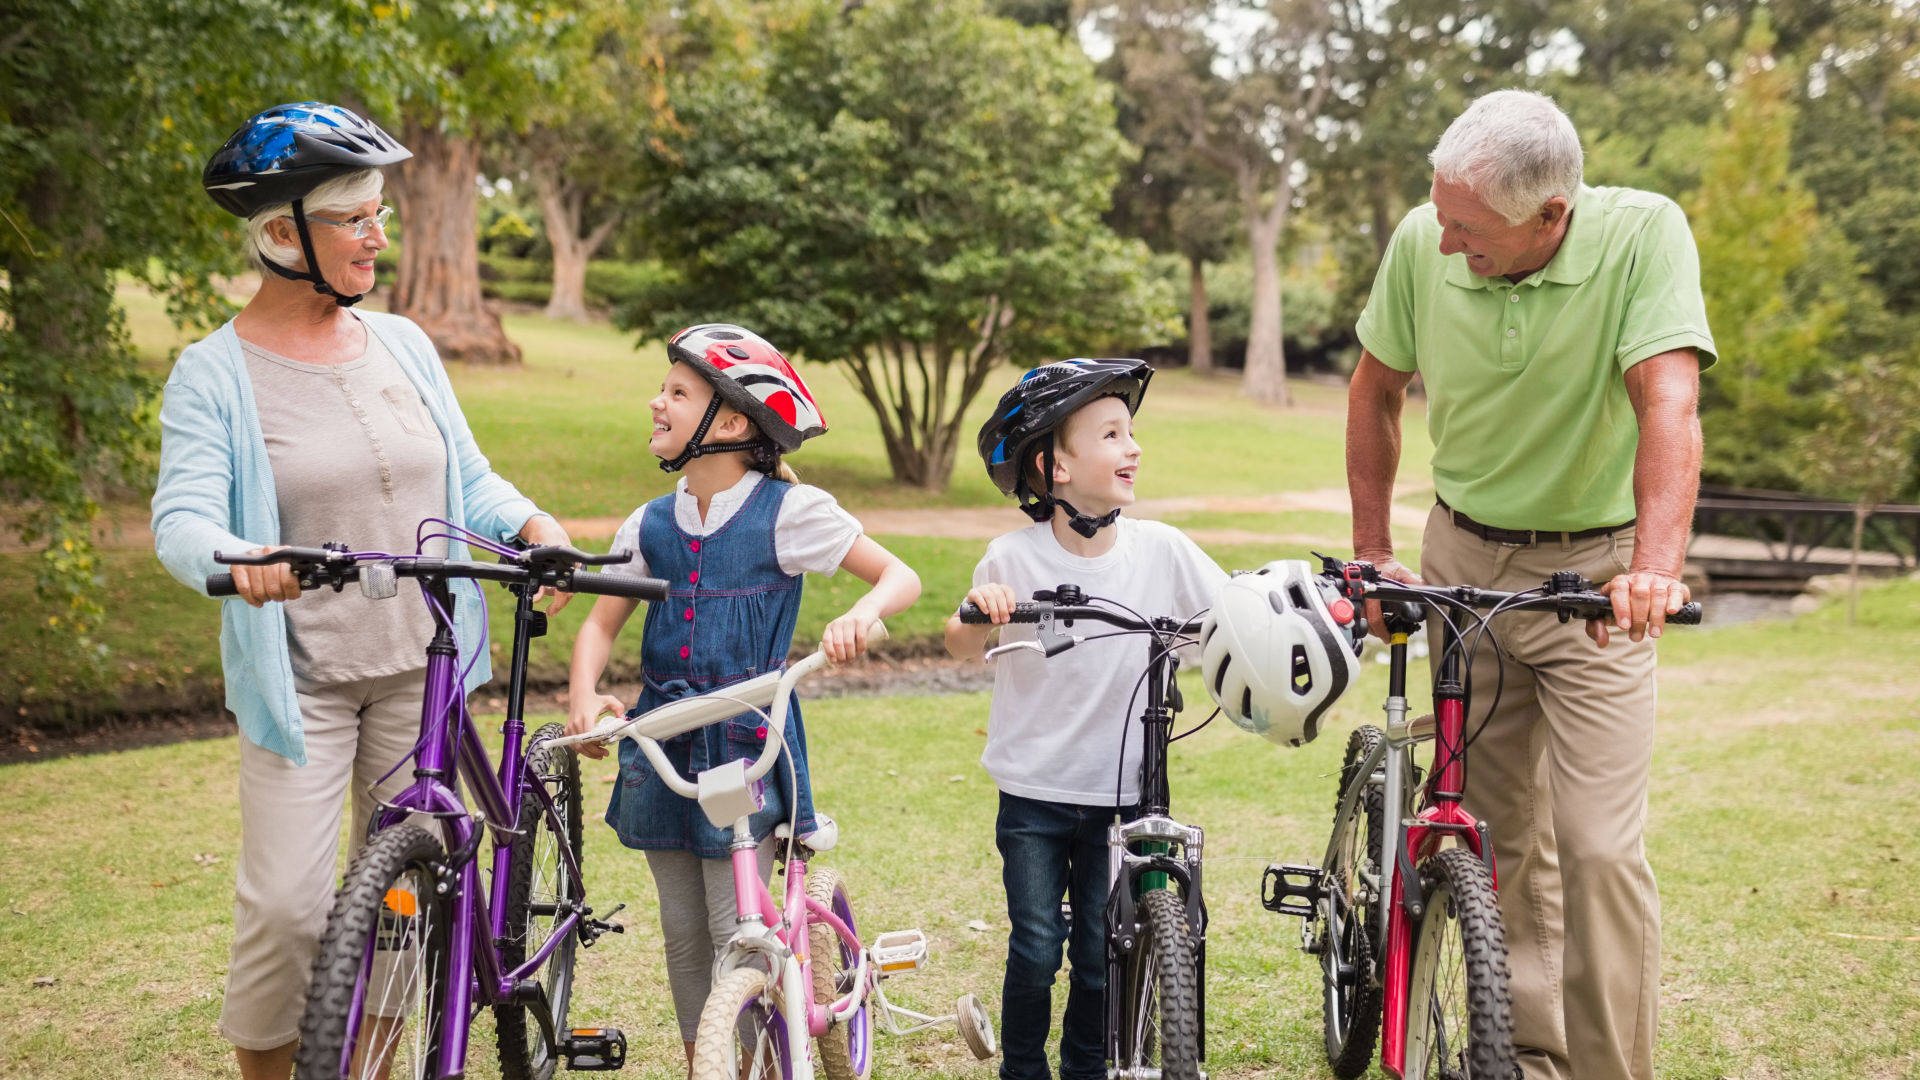 Fahrrad-Ausflug Großeltern mit Enkeln im Urlaub am Bodensee